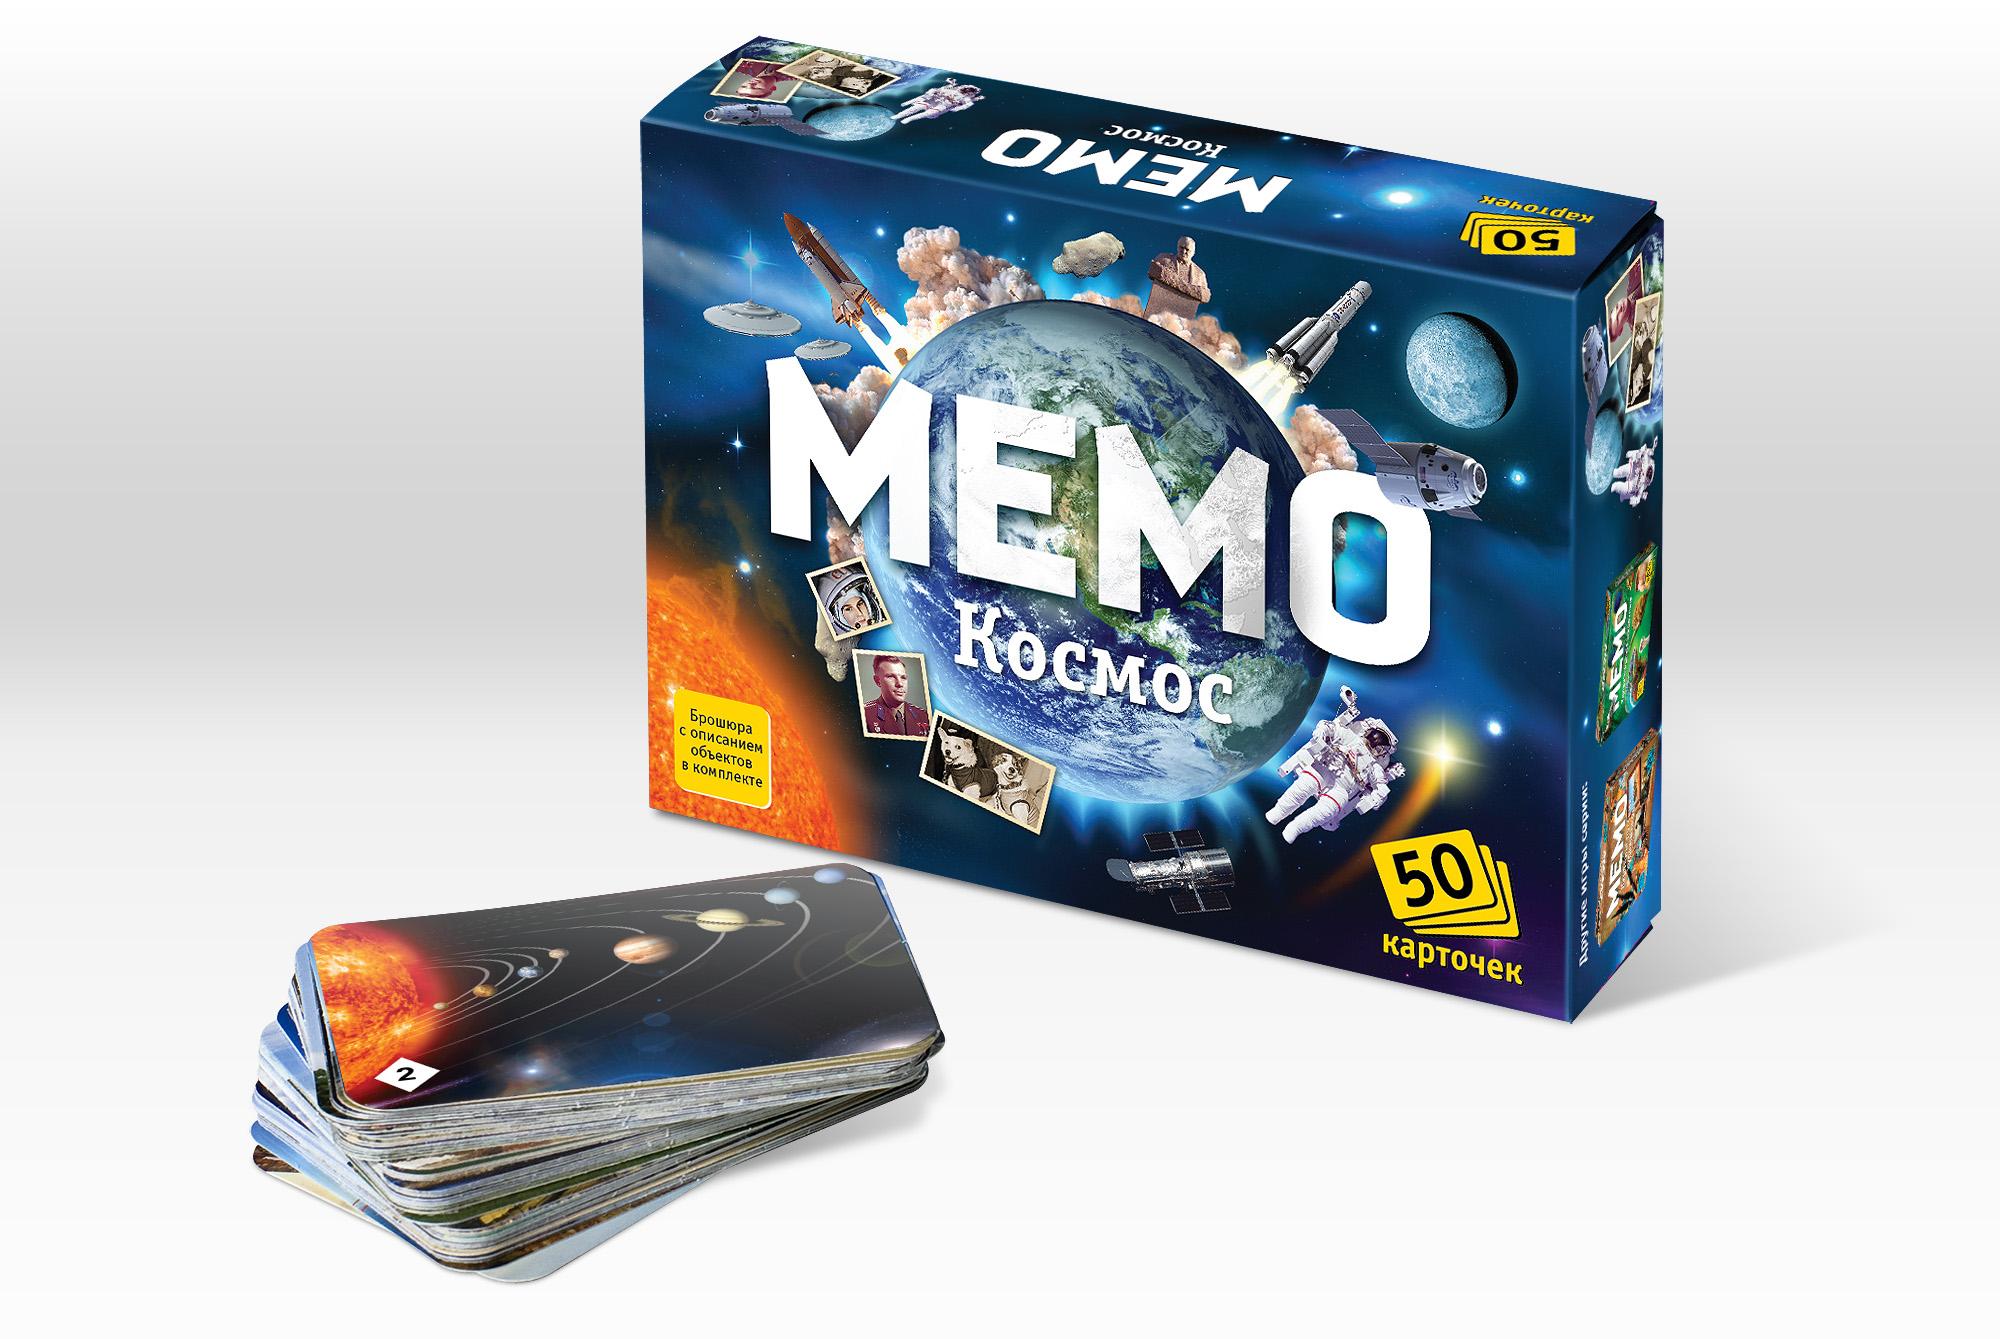 Мемо 50 карточек ткани пвх купить в вологде